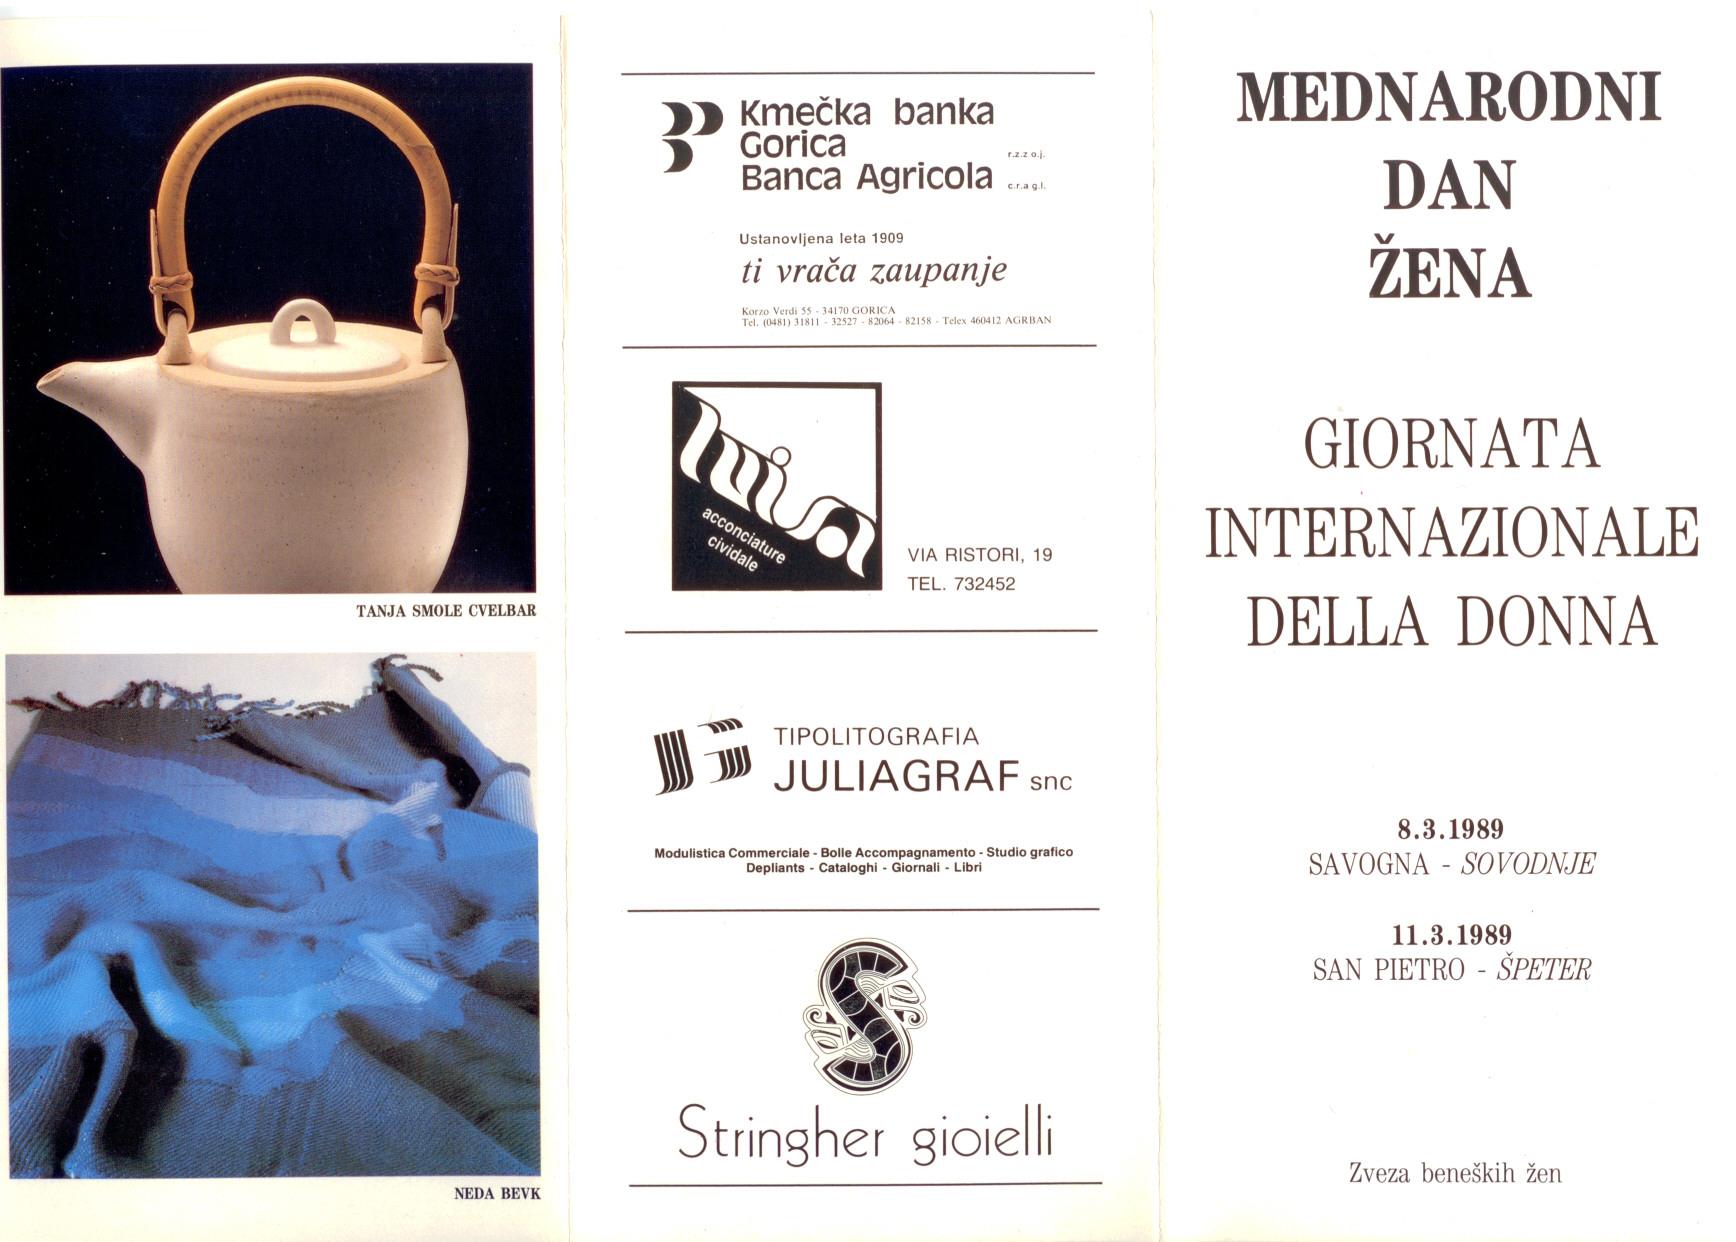 1989 - An setemberja sonce peče - Foglio di sala 1